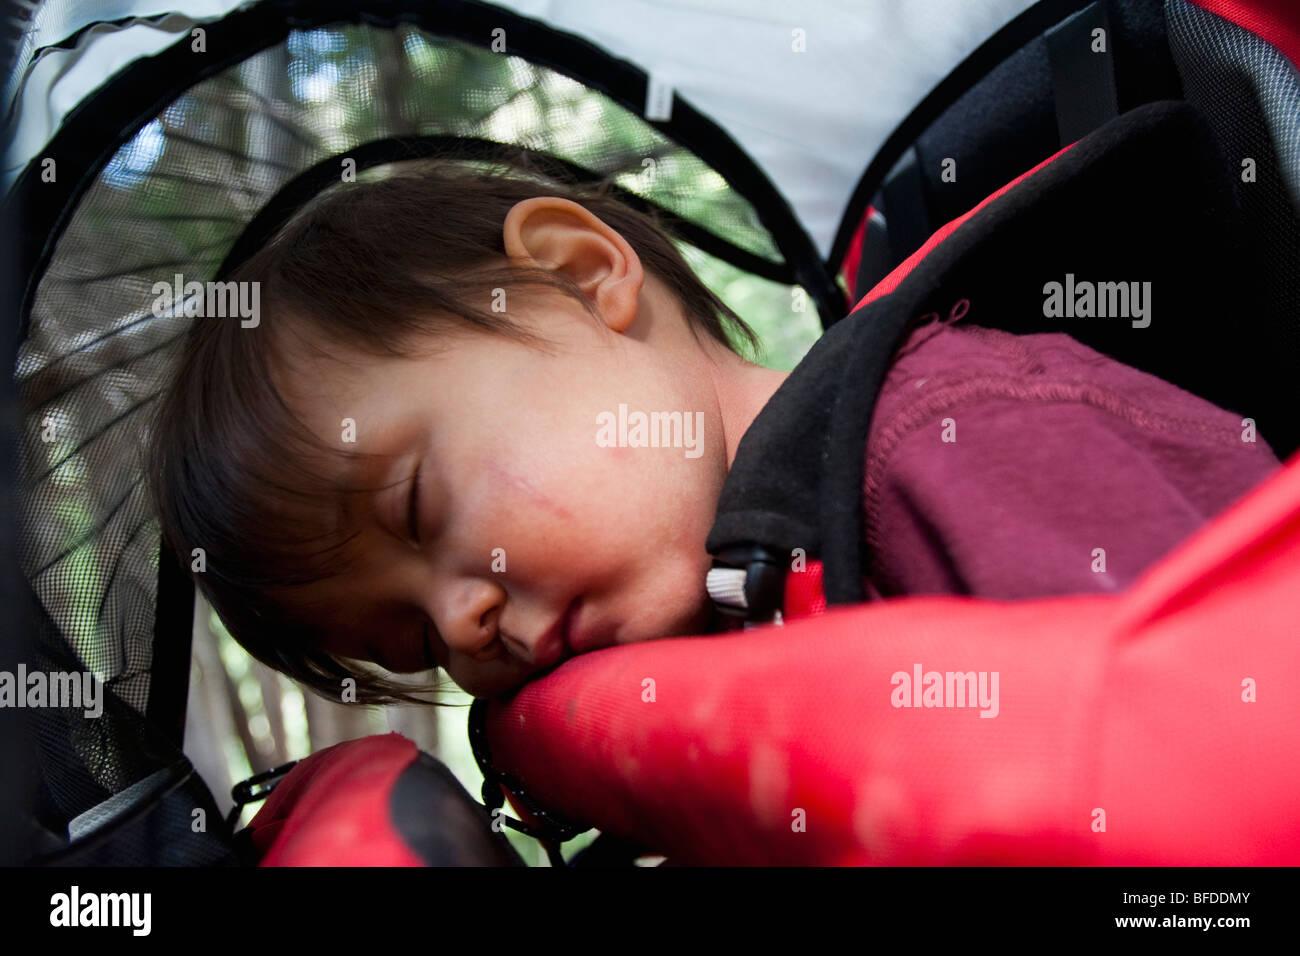 14 mese vecchio ragazzo dorme in uno zaino portato dalla madre, backpacking in Maroon Bells Snowmass deserto fuori Immagini Stock